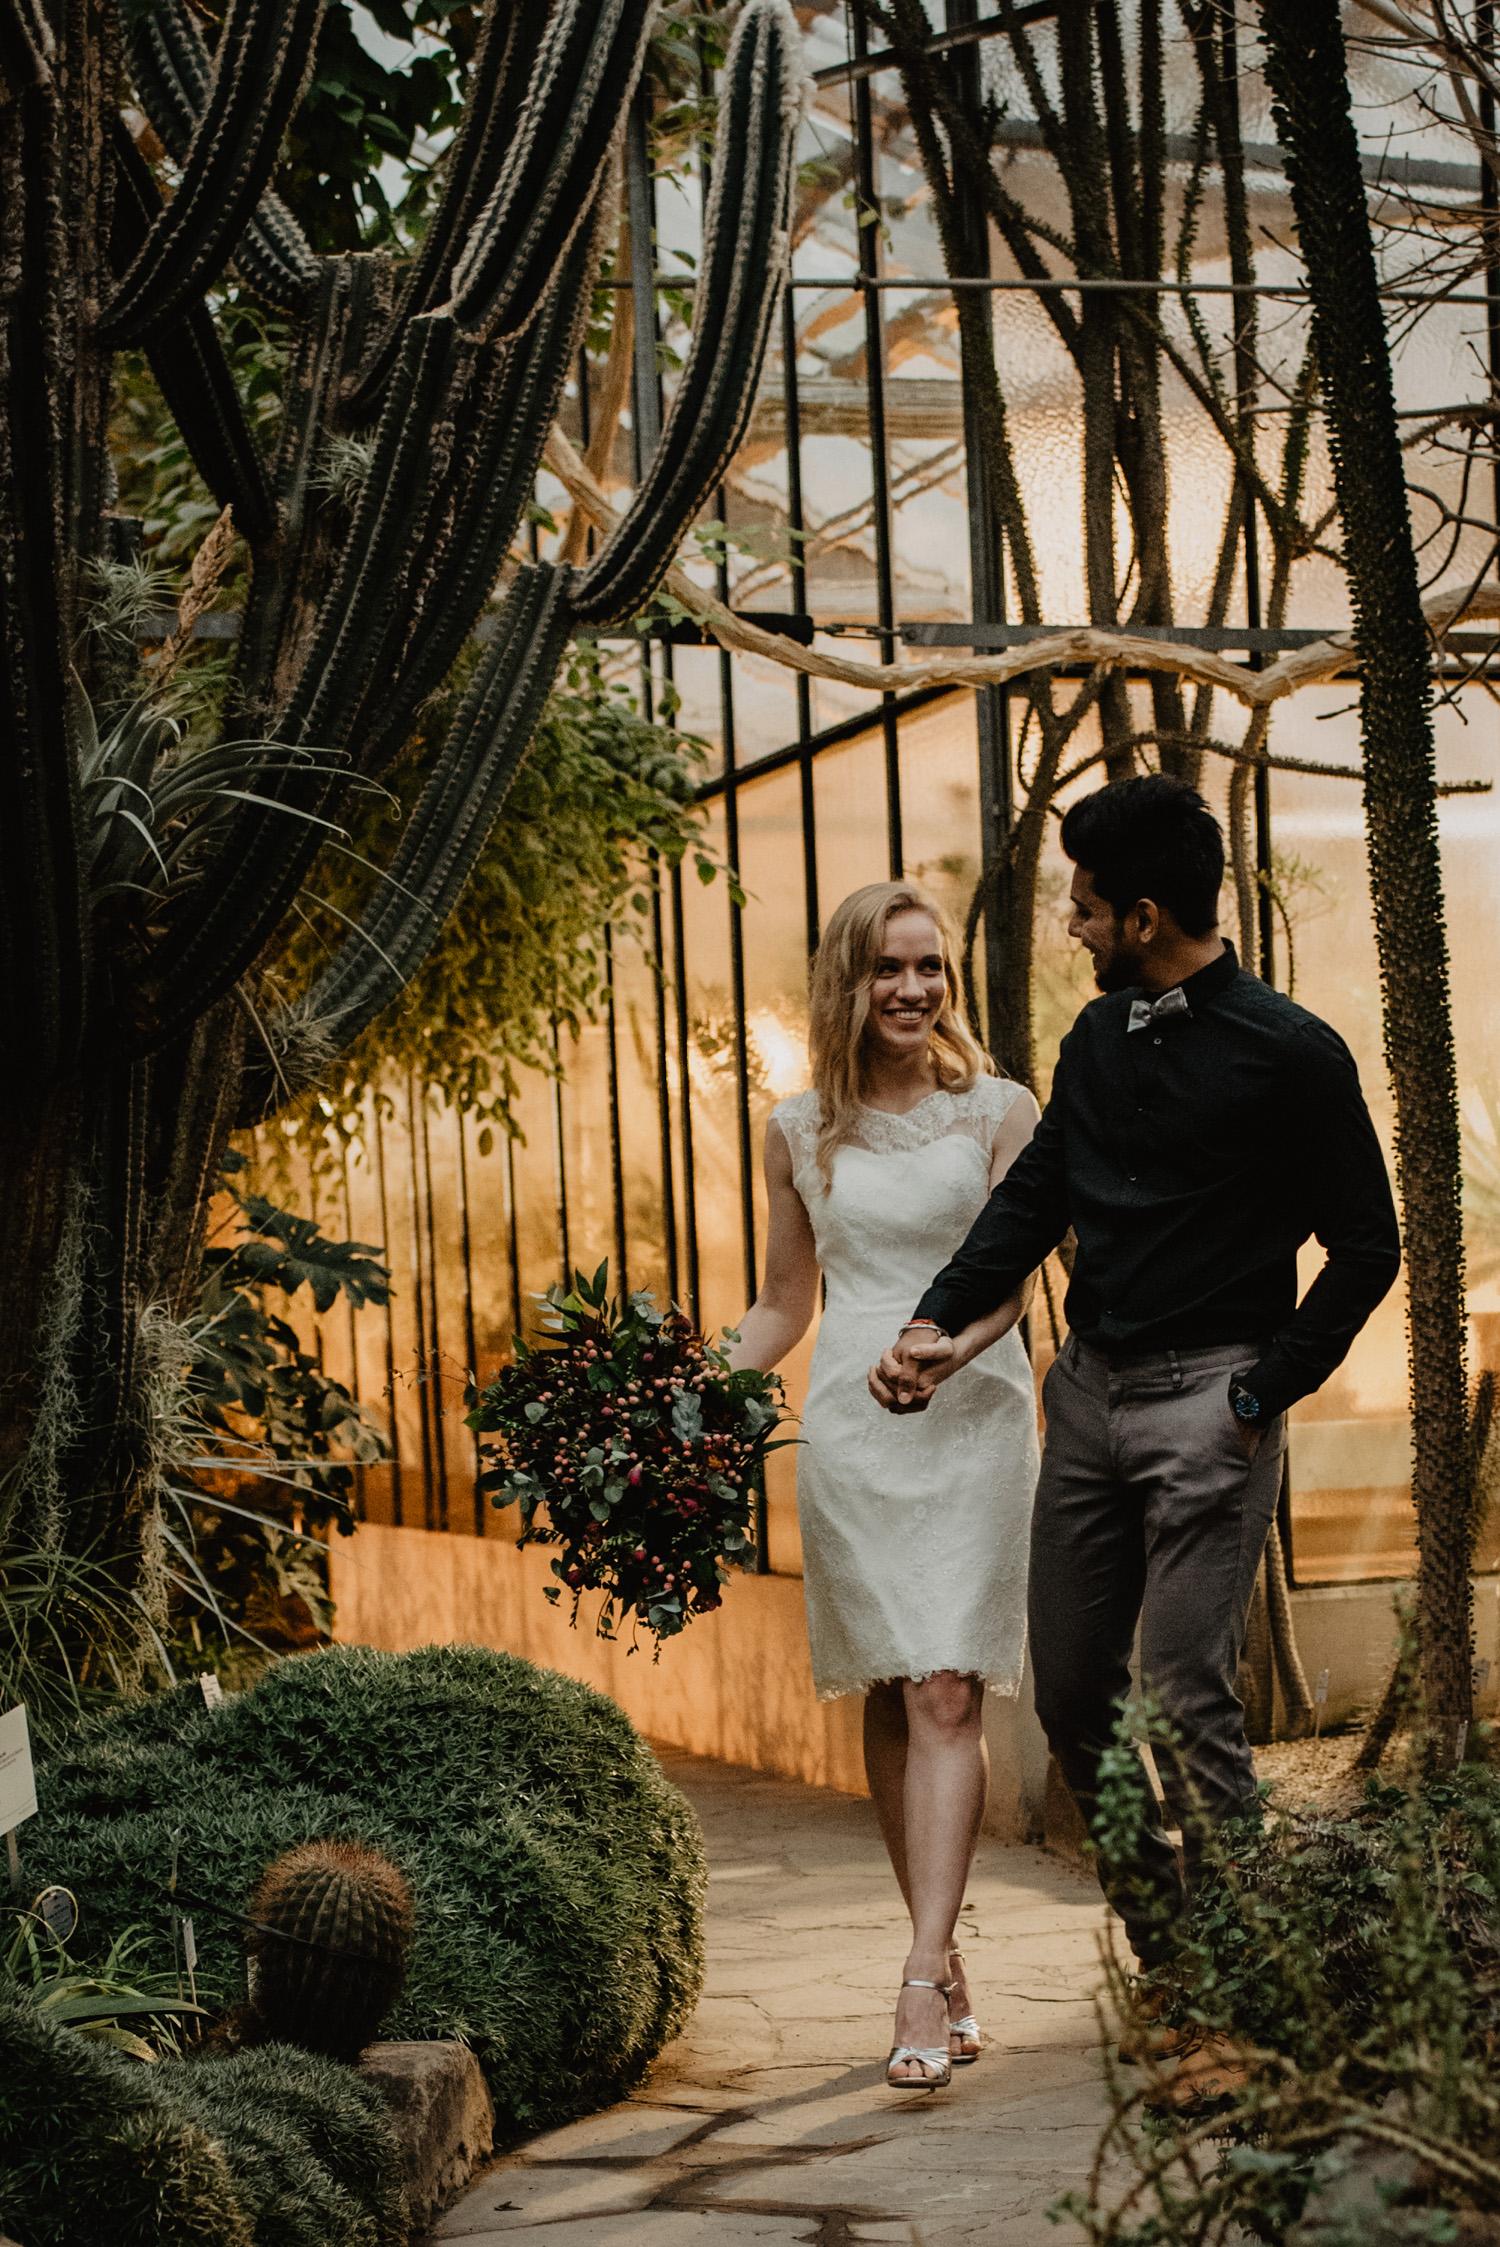 Ein Brautpaar spaziert händchenhaltend durch den botanischen Garten, während des Hochzeits-Fotoshootings.